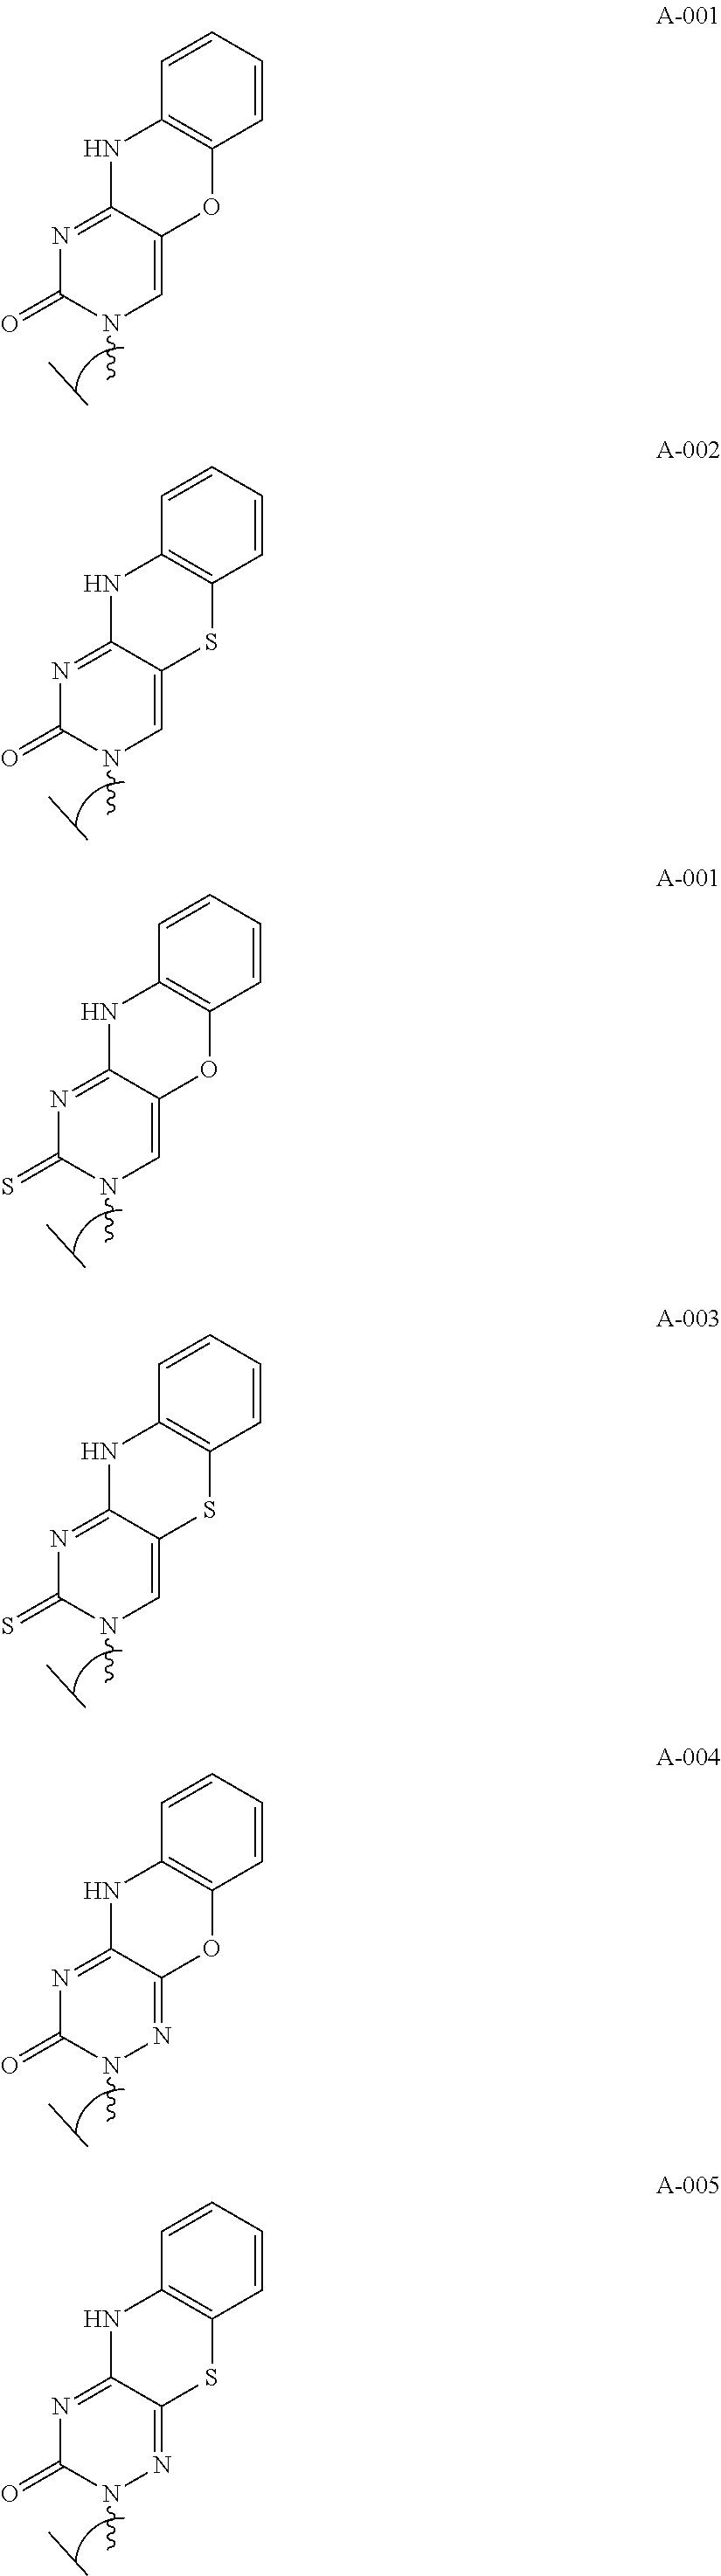 Figure US20110118339A1-20110519-C00017